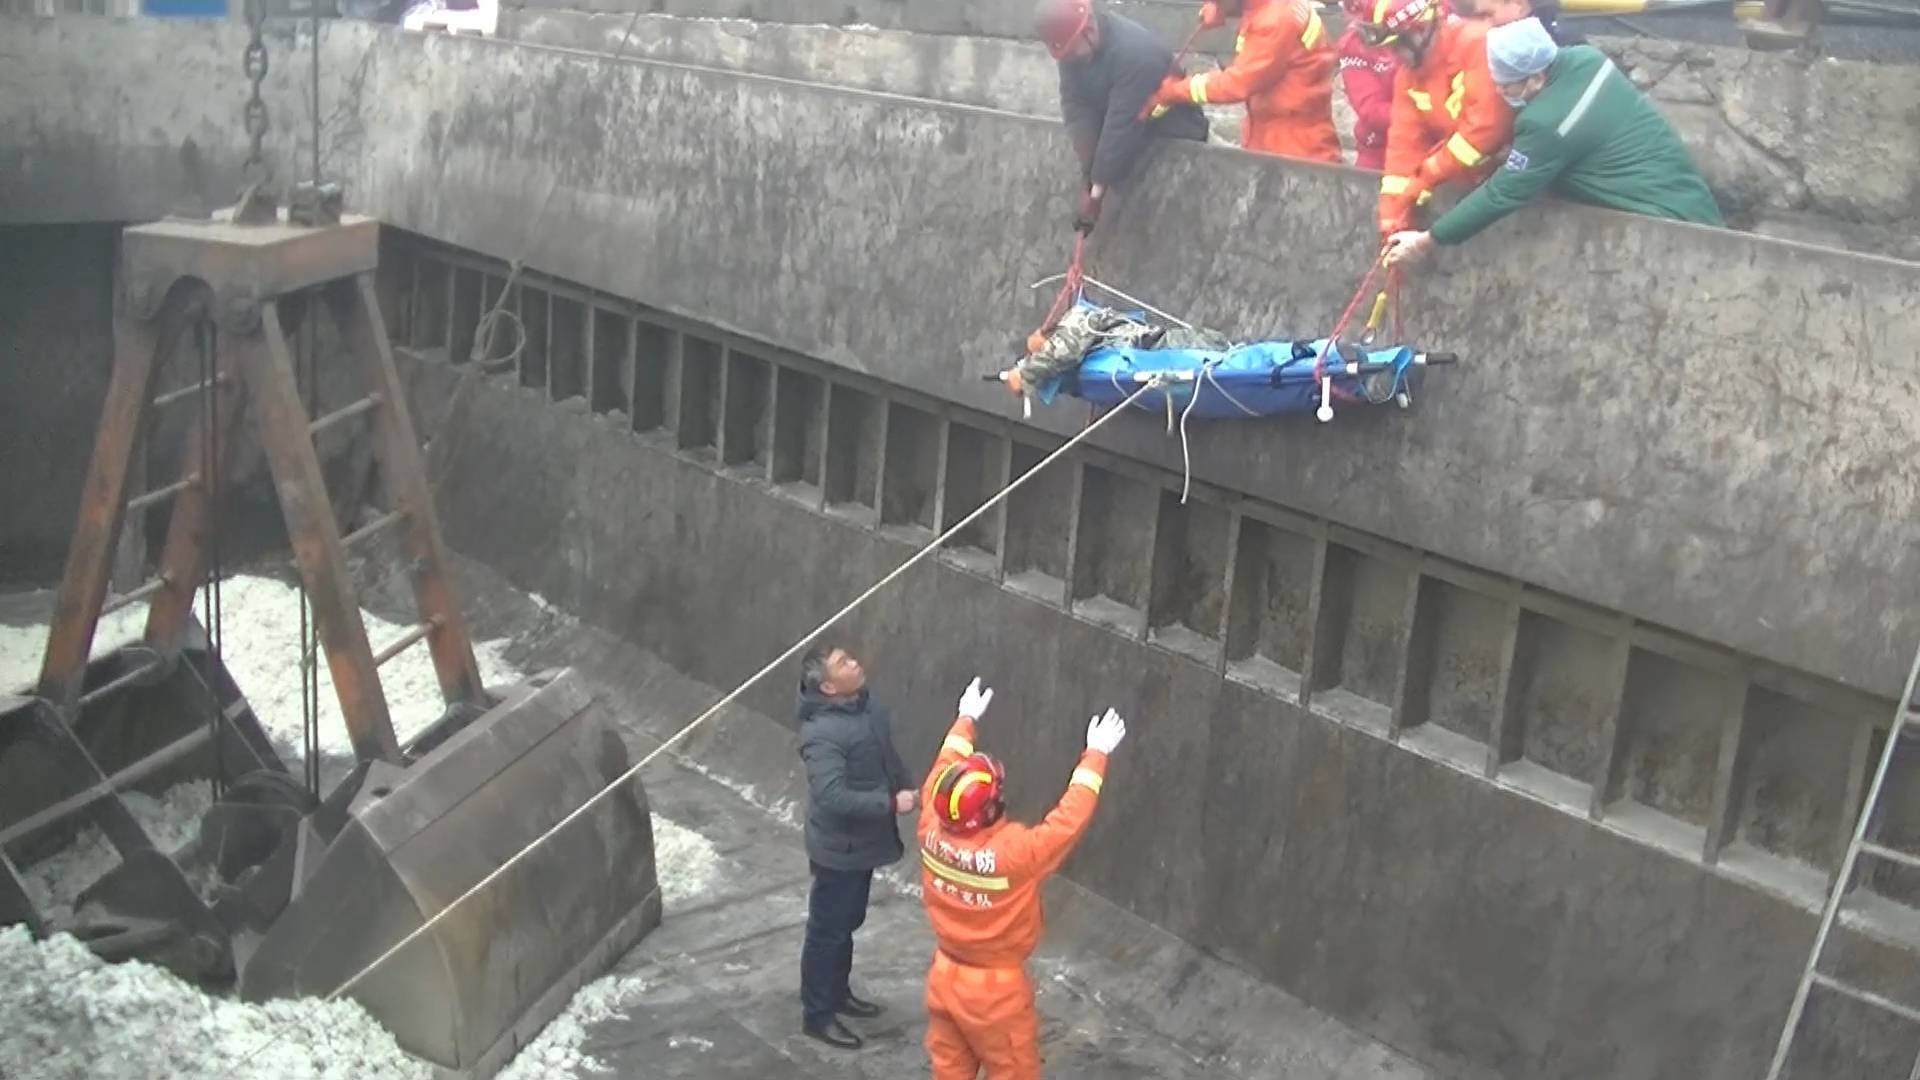 33秒丨注意安全!枣庄一男子失足掉入3米深船舱摔伤